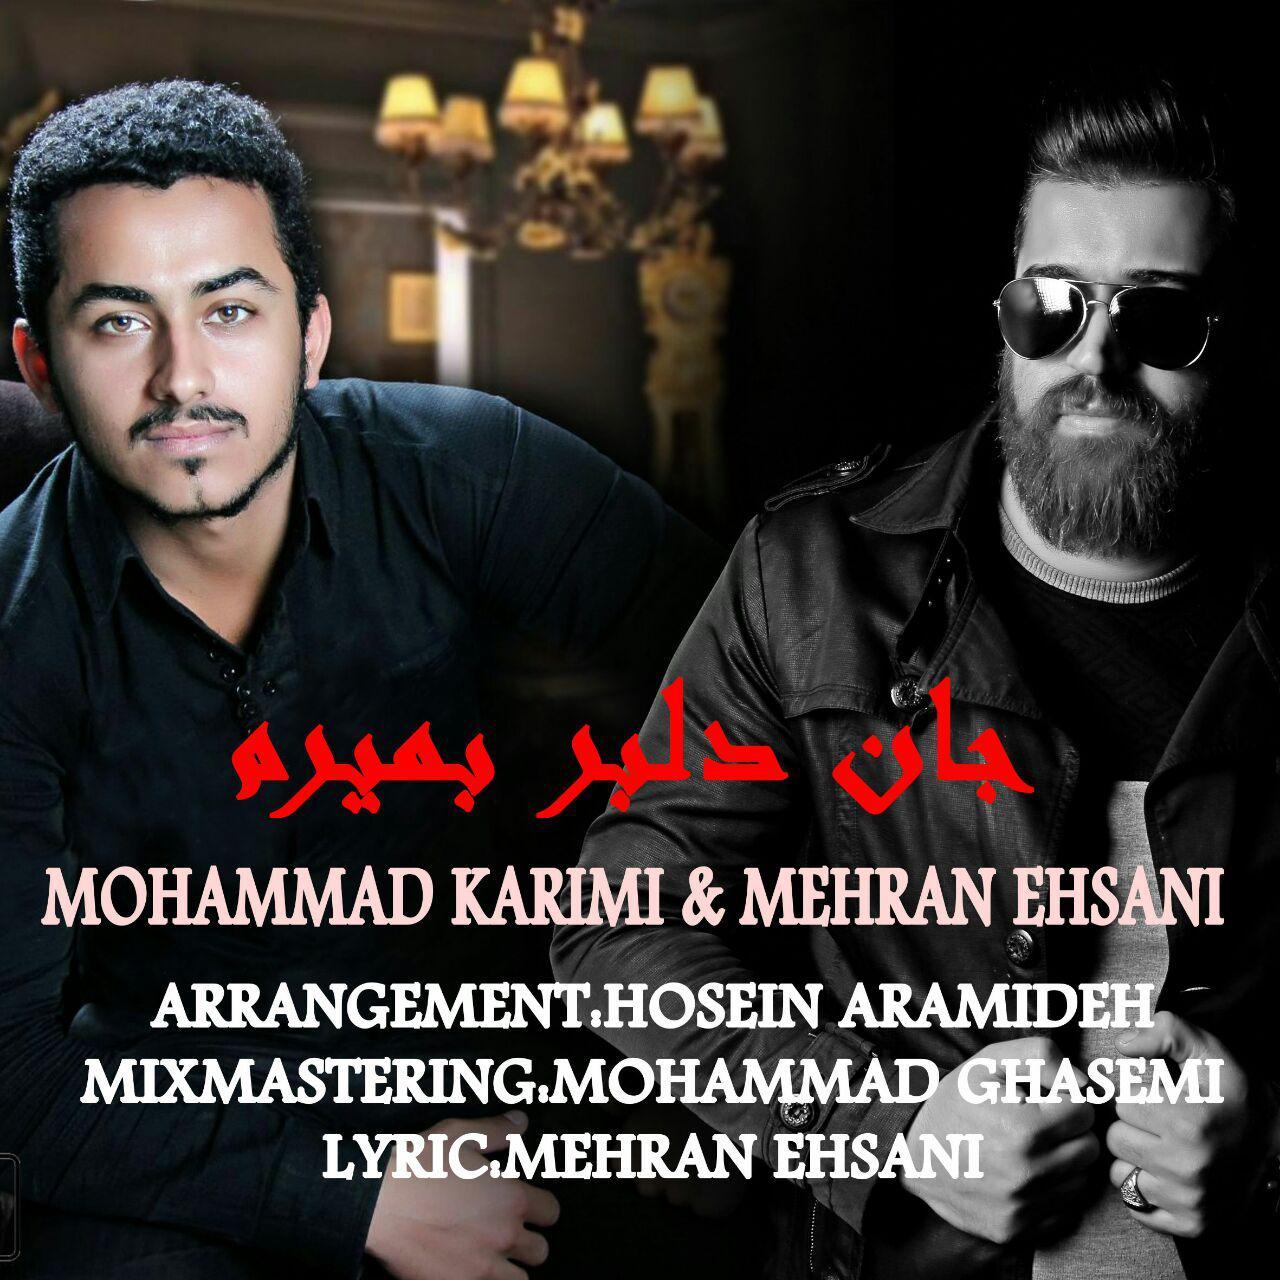 دانلود آهنگ جدید محمدکریمی و مهران احسانی به نام جان دلبر بمیرم ...